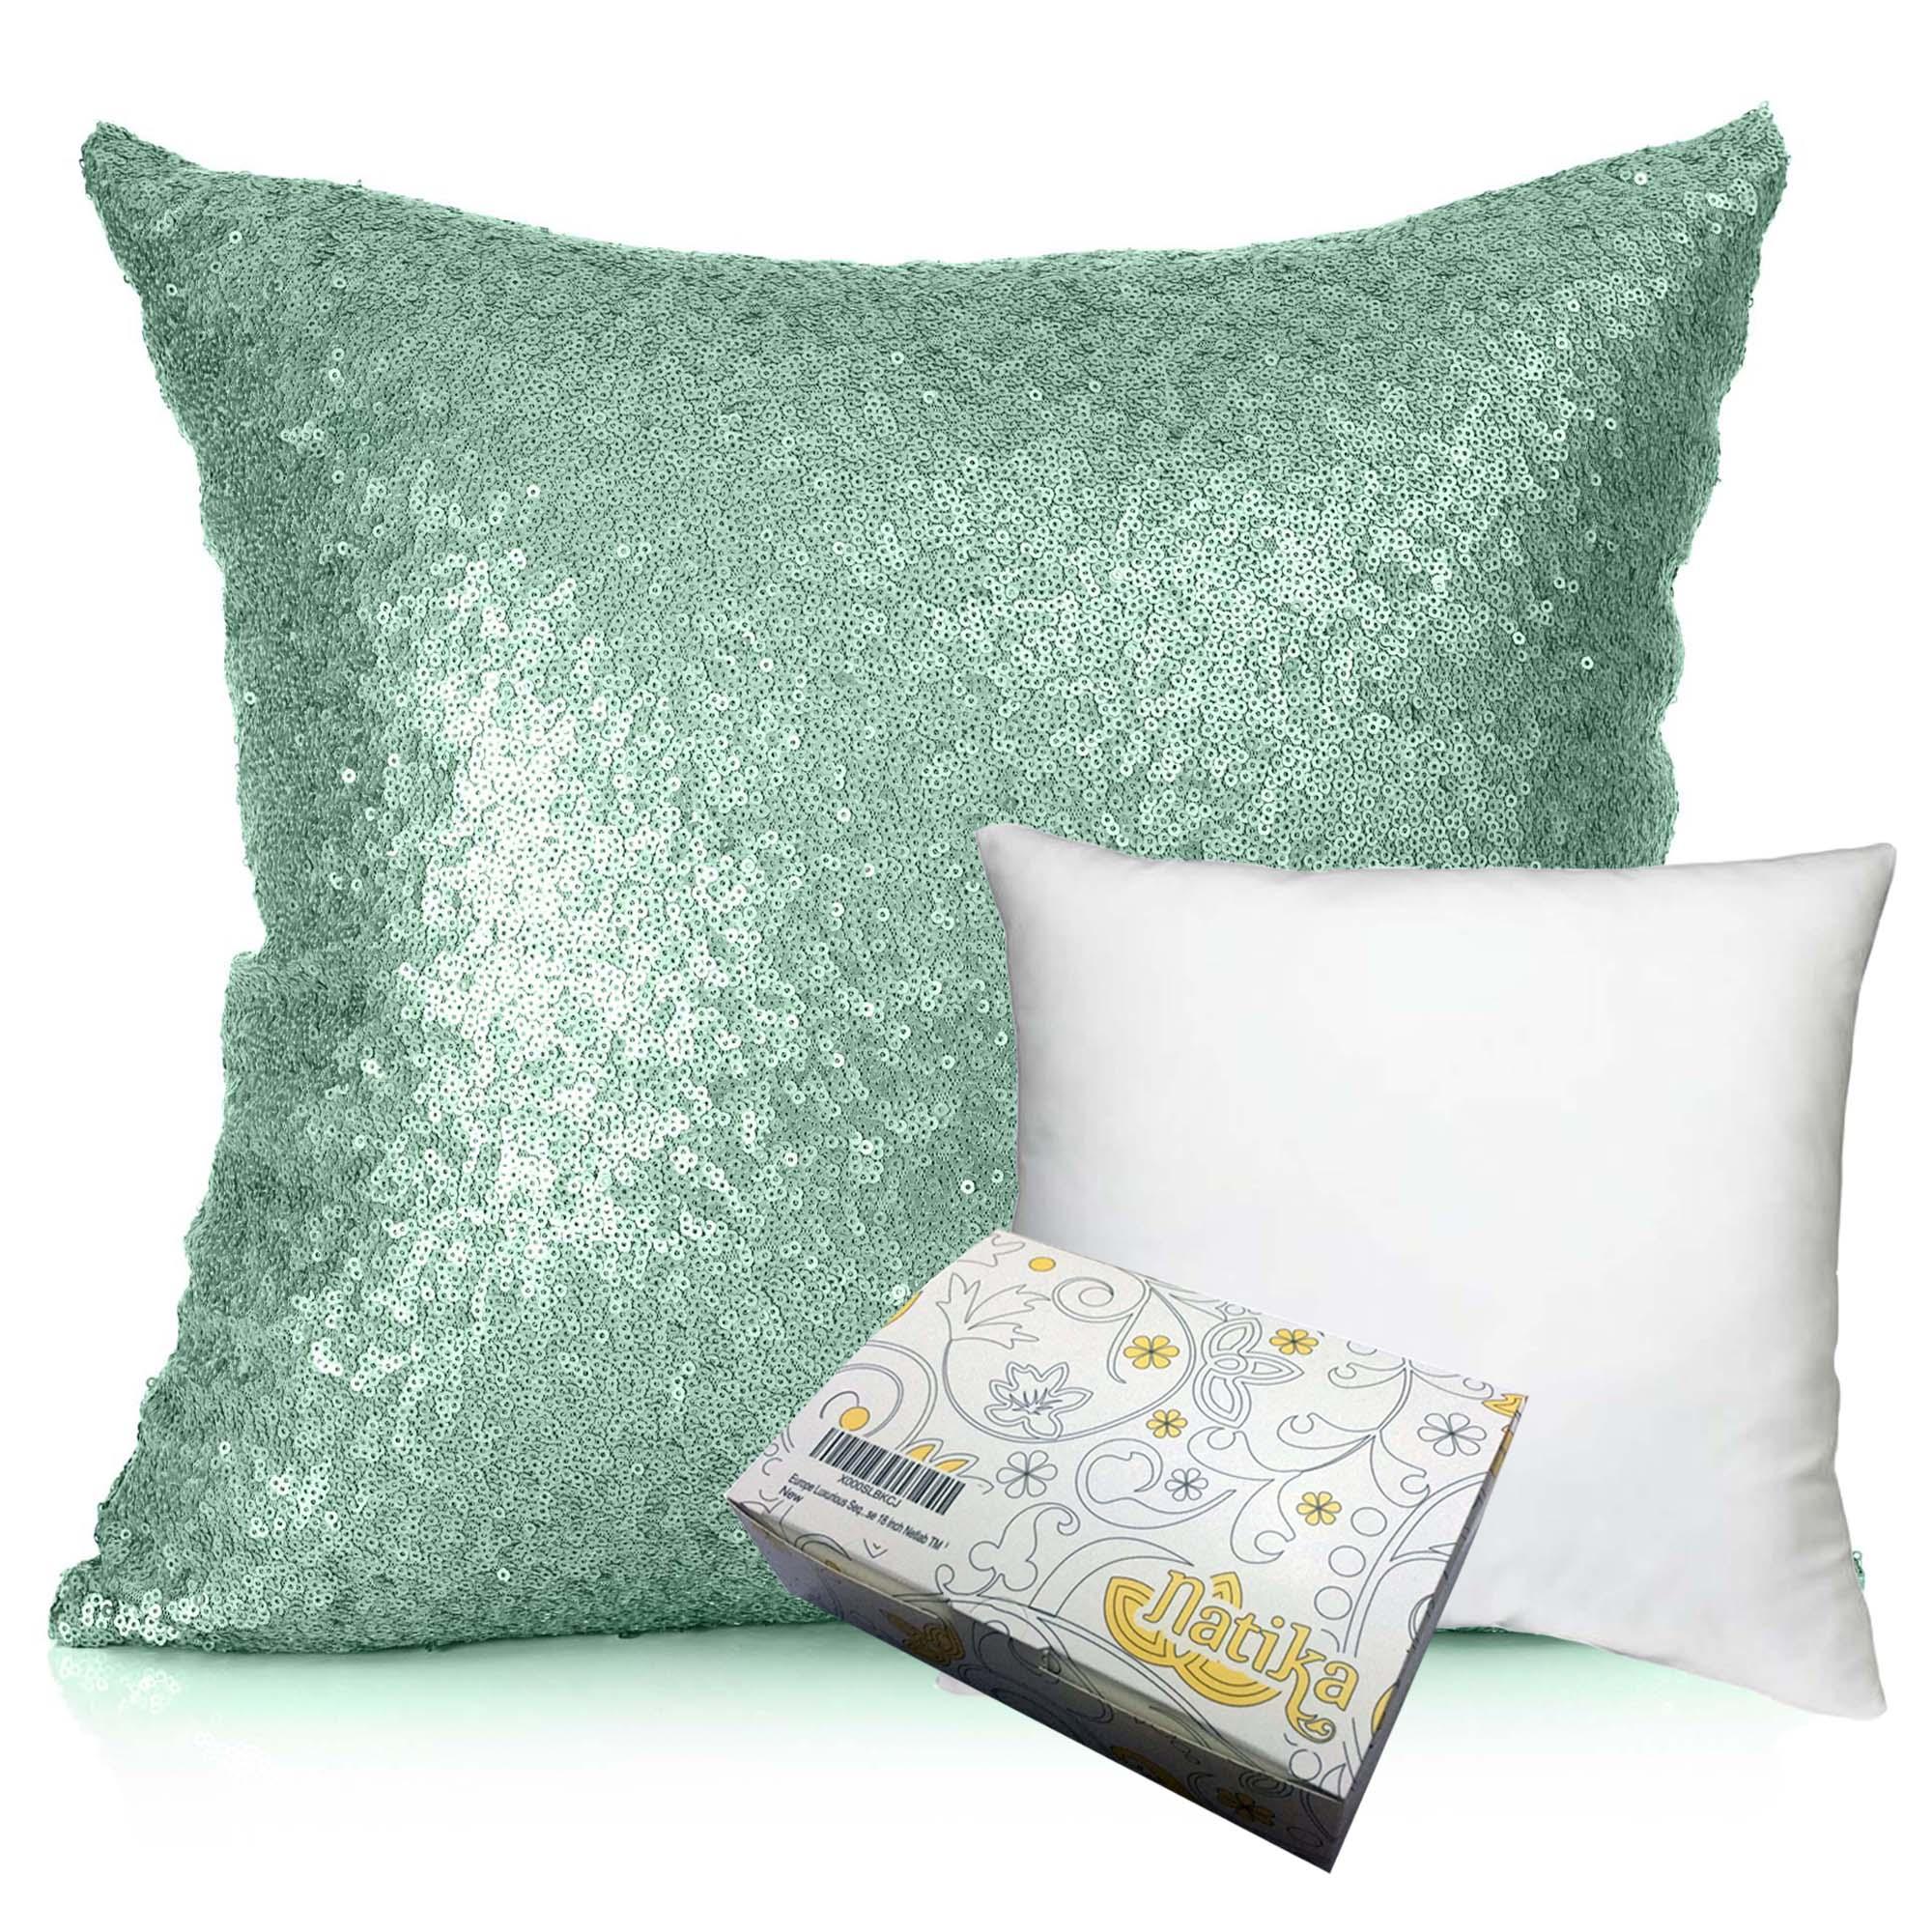 หมอนอิง Sequin Pillow Cushion Cover Pillow Case ขนาด 18 x 18 นิ้ว (สีหยกเทา)